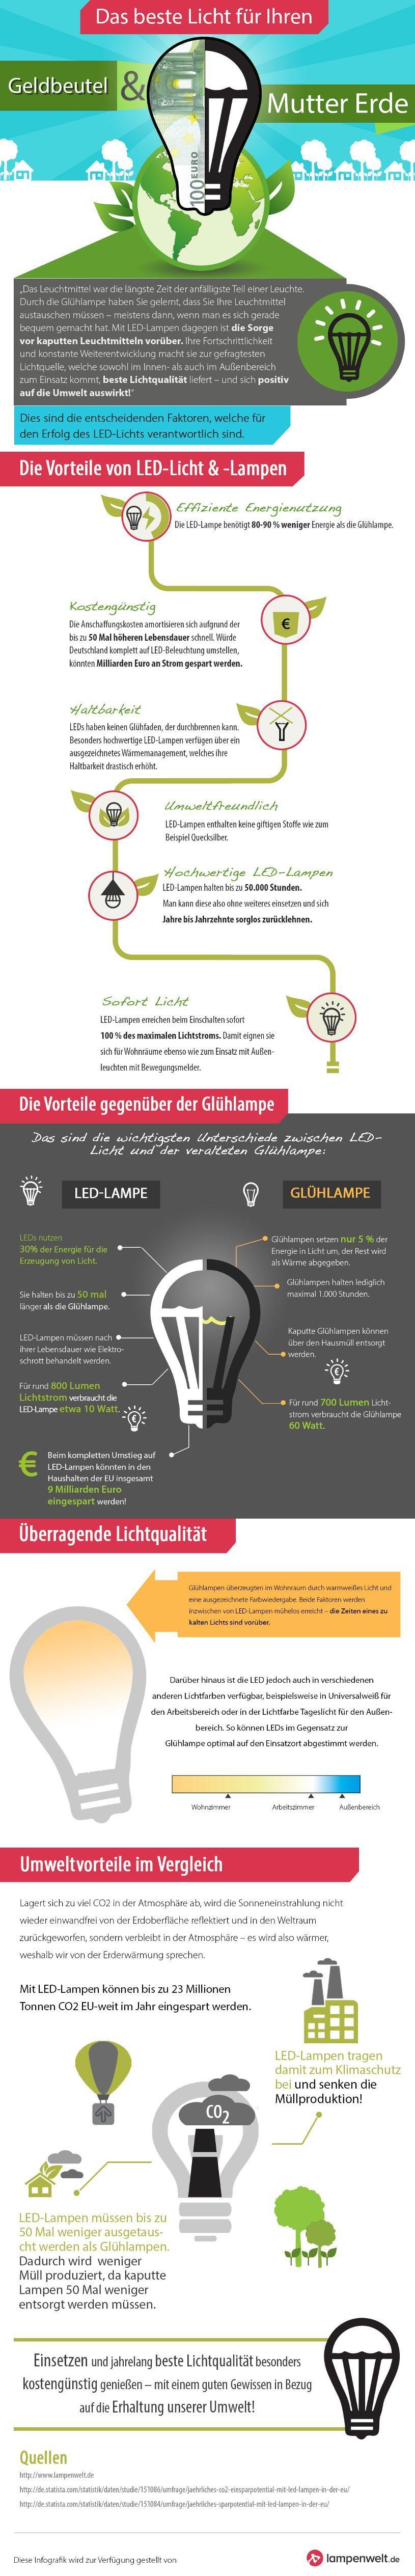 business24 › Pluspunkte für die LED-Beleuchtung